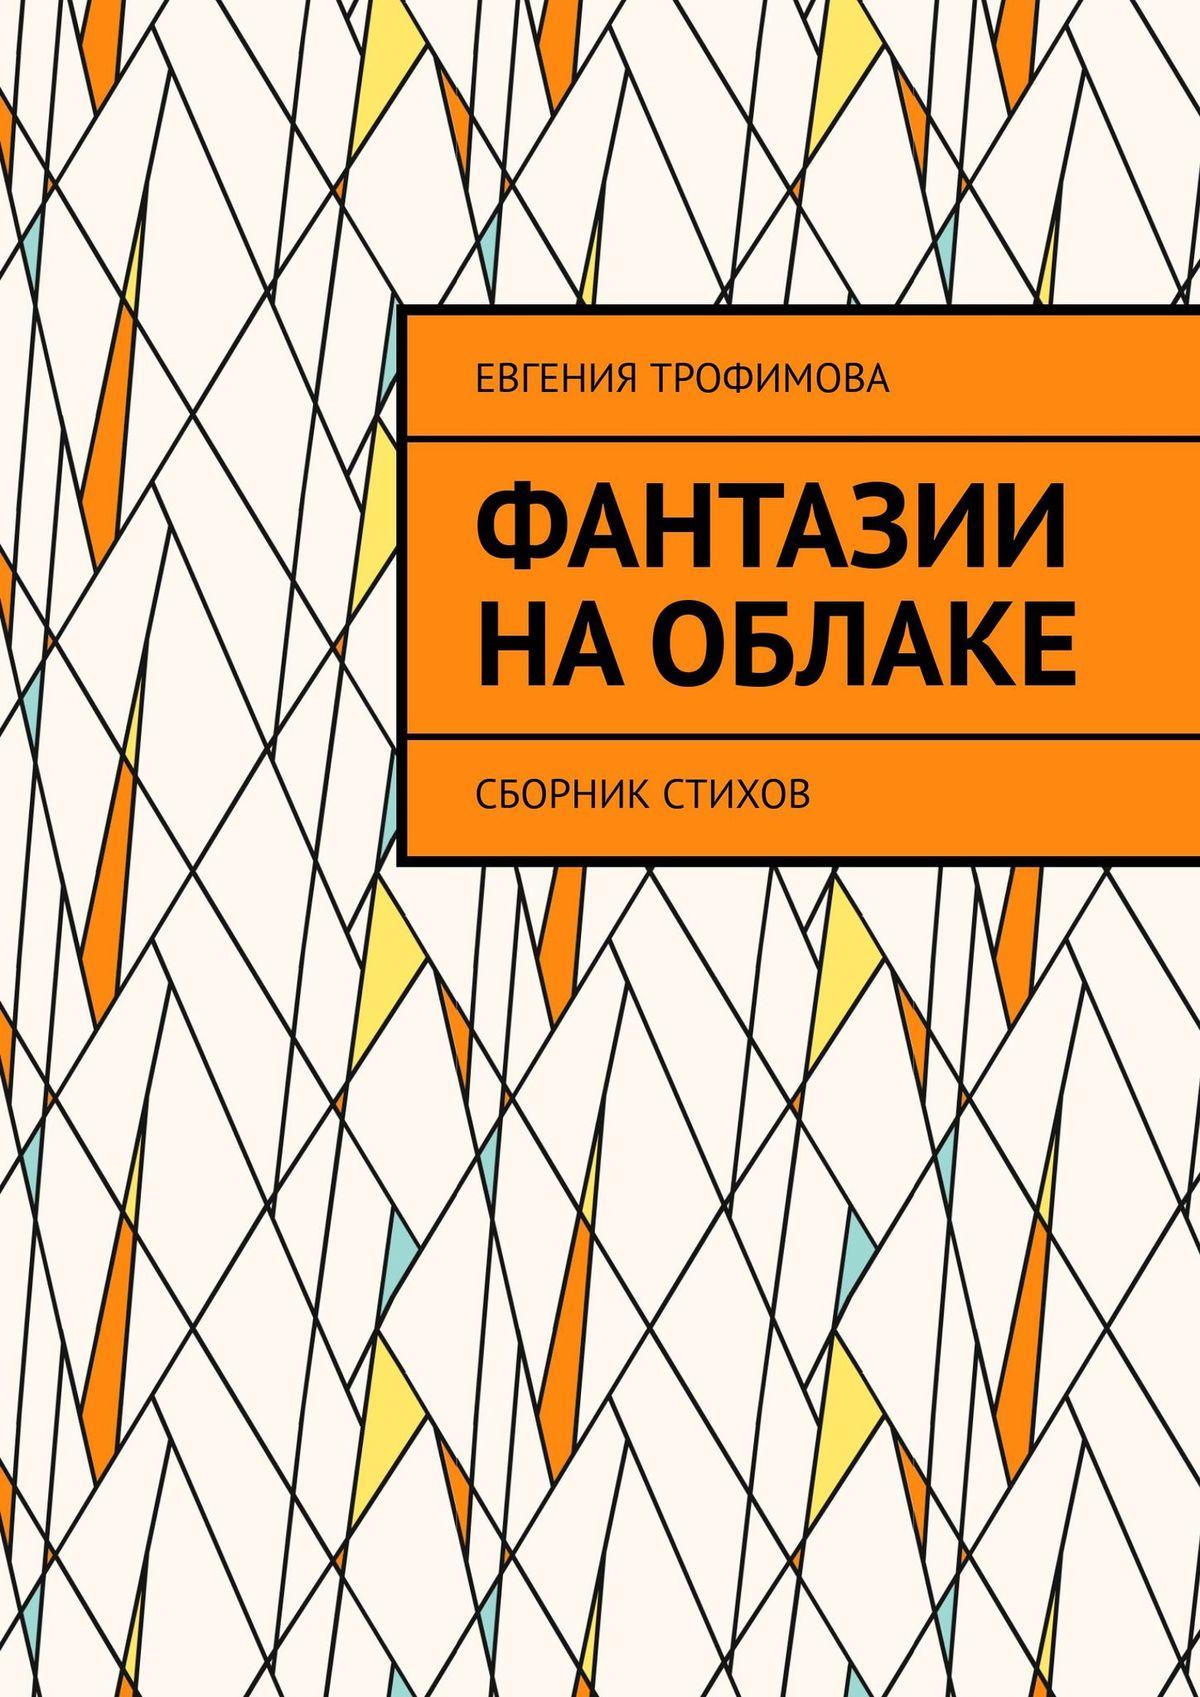 цены Евгения Владимировна Трофимова Фантазии наоблаке. Сборник стихов